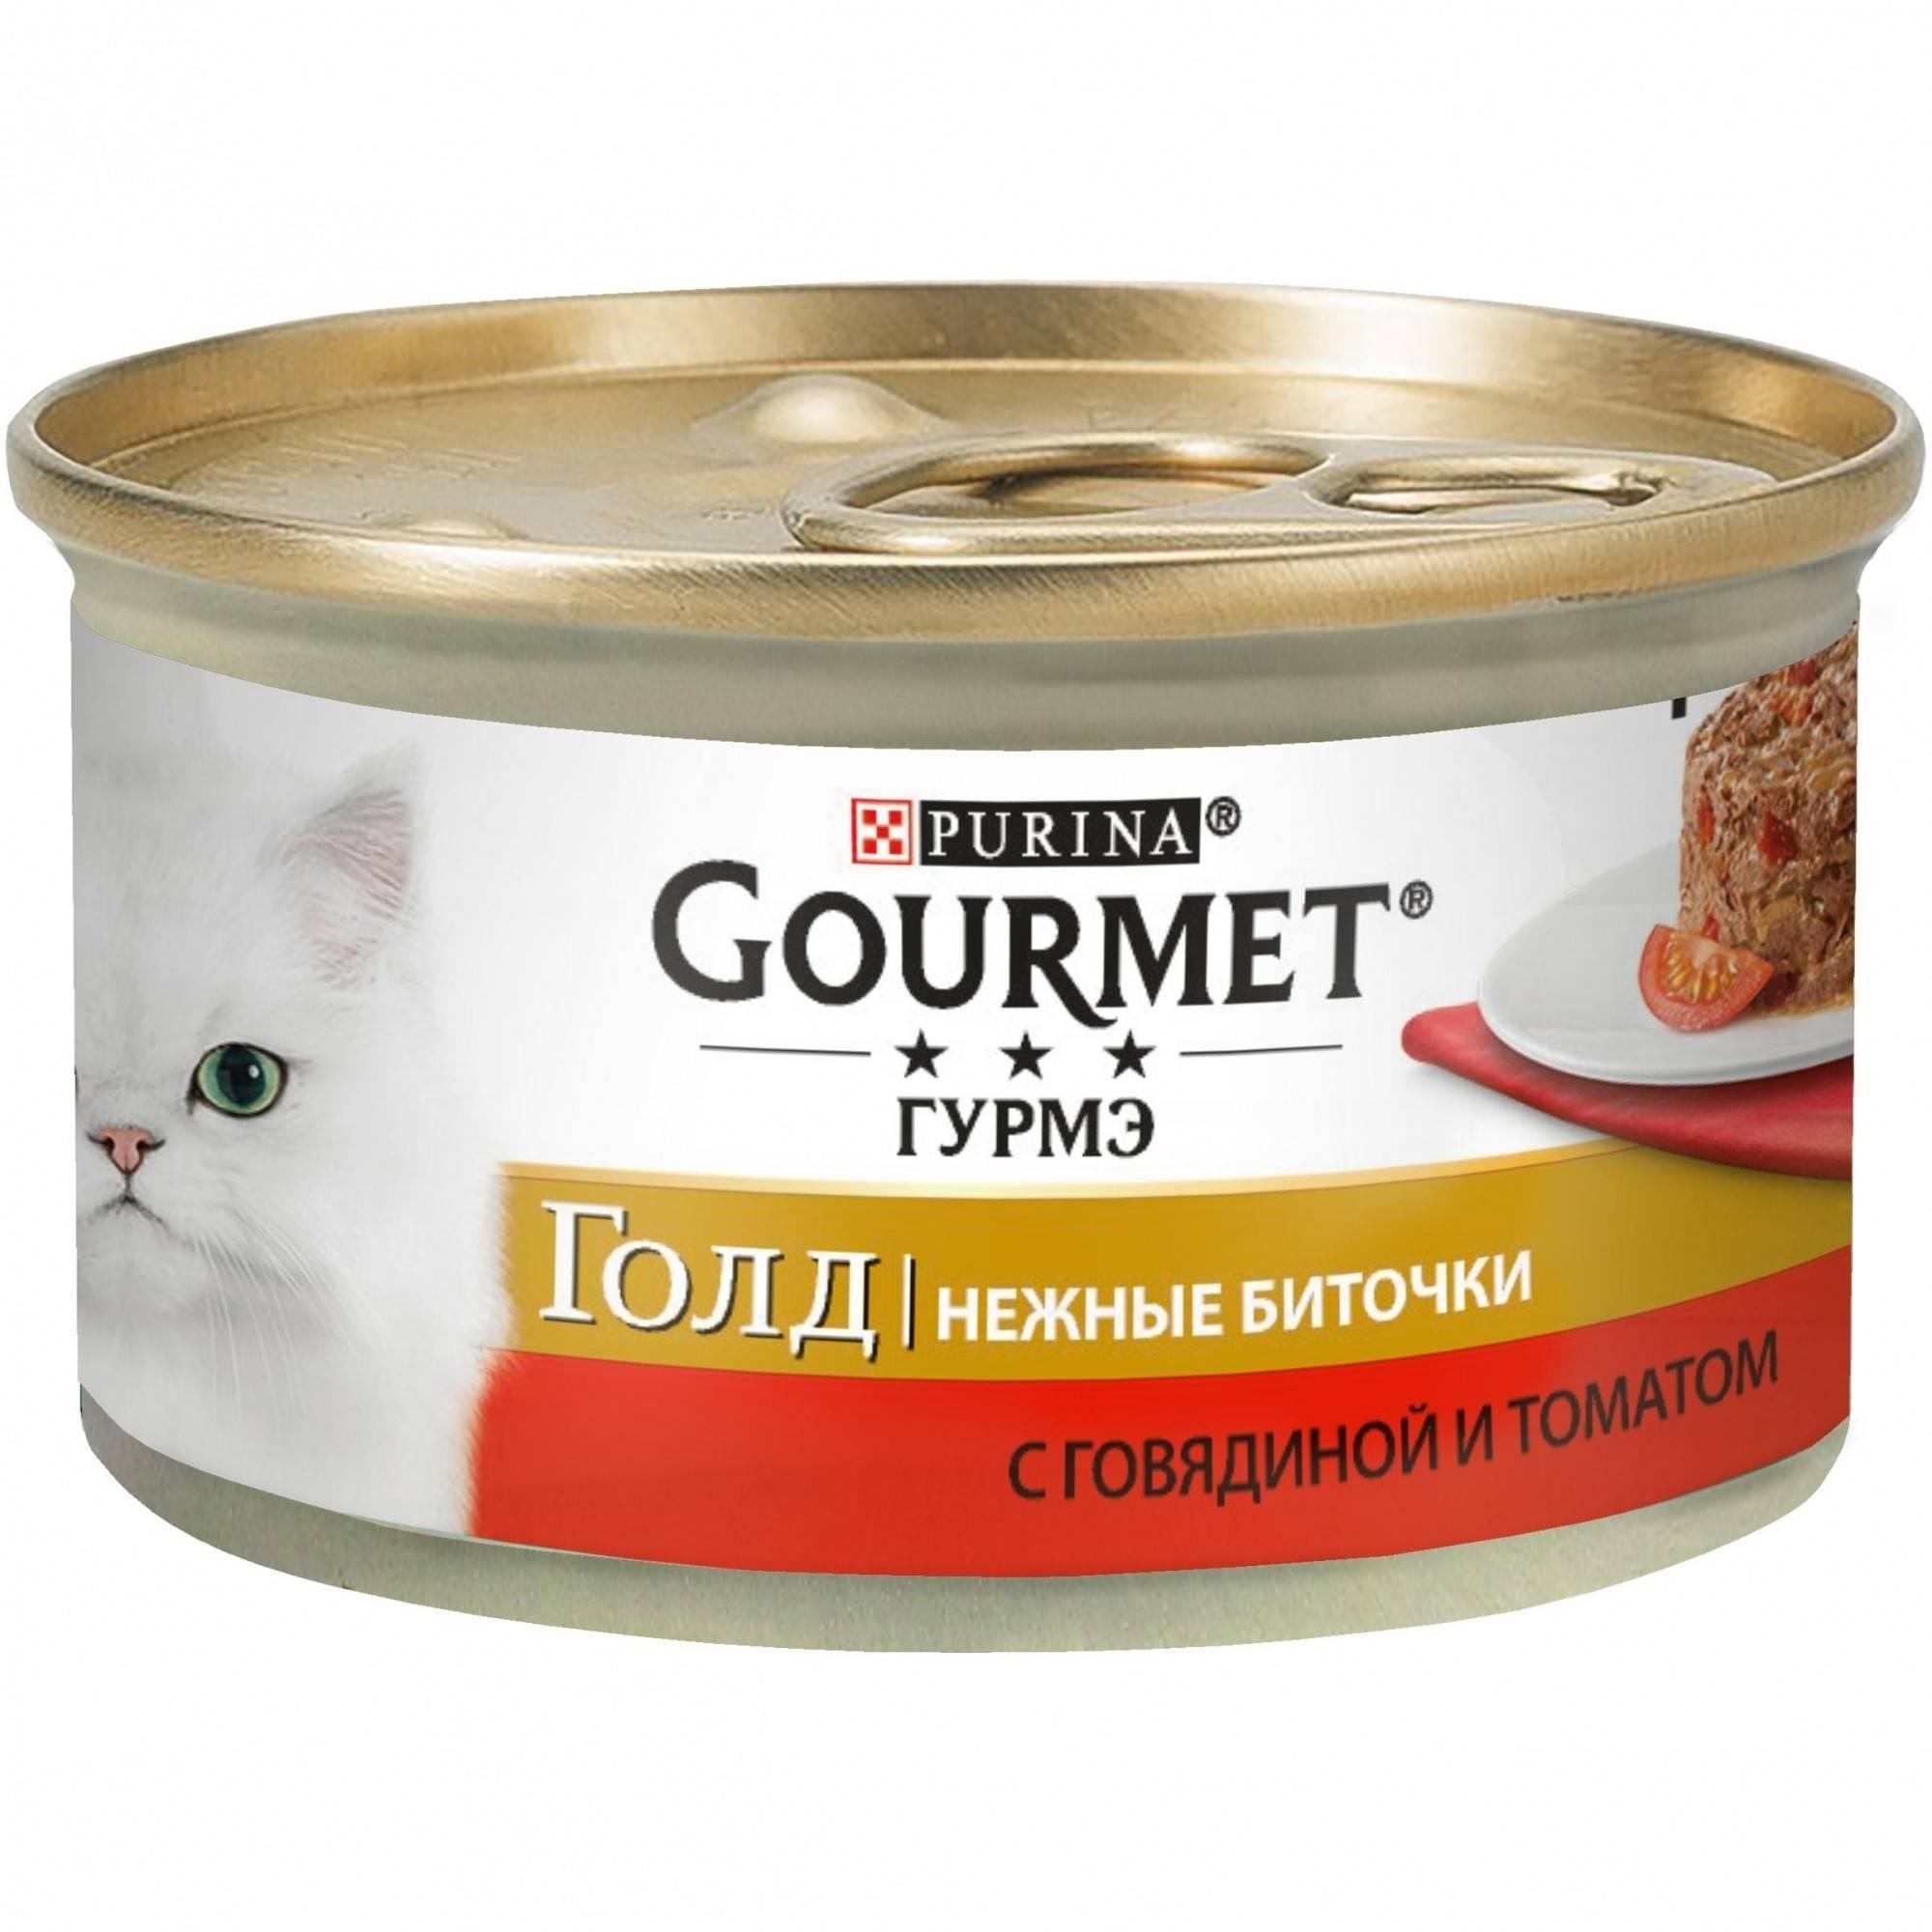 GOURMET Gold Savoury Cake Beef & Tomatoes – консерва с говядиной и томатом для взрослых котов